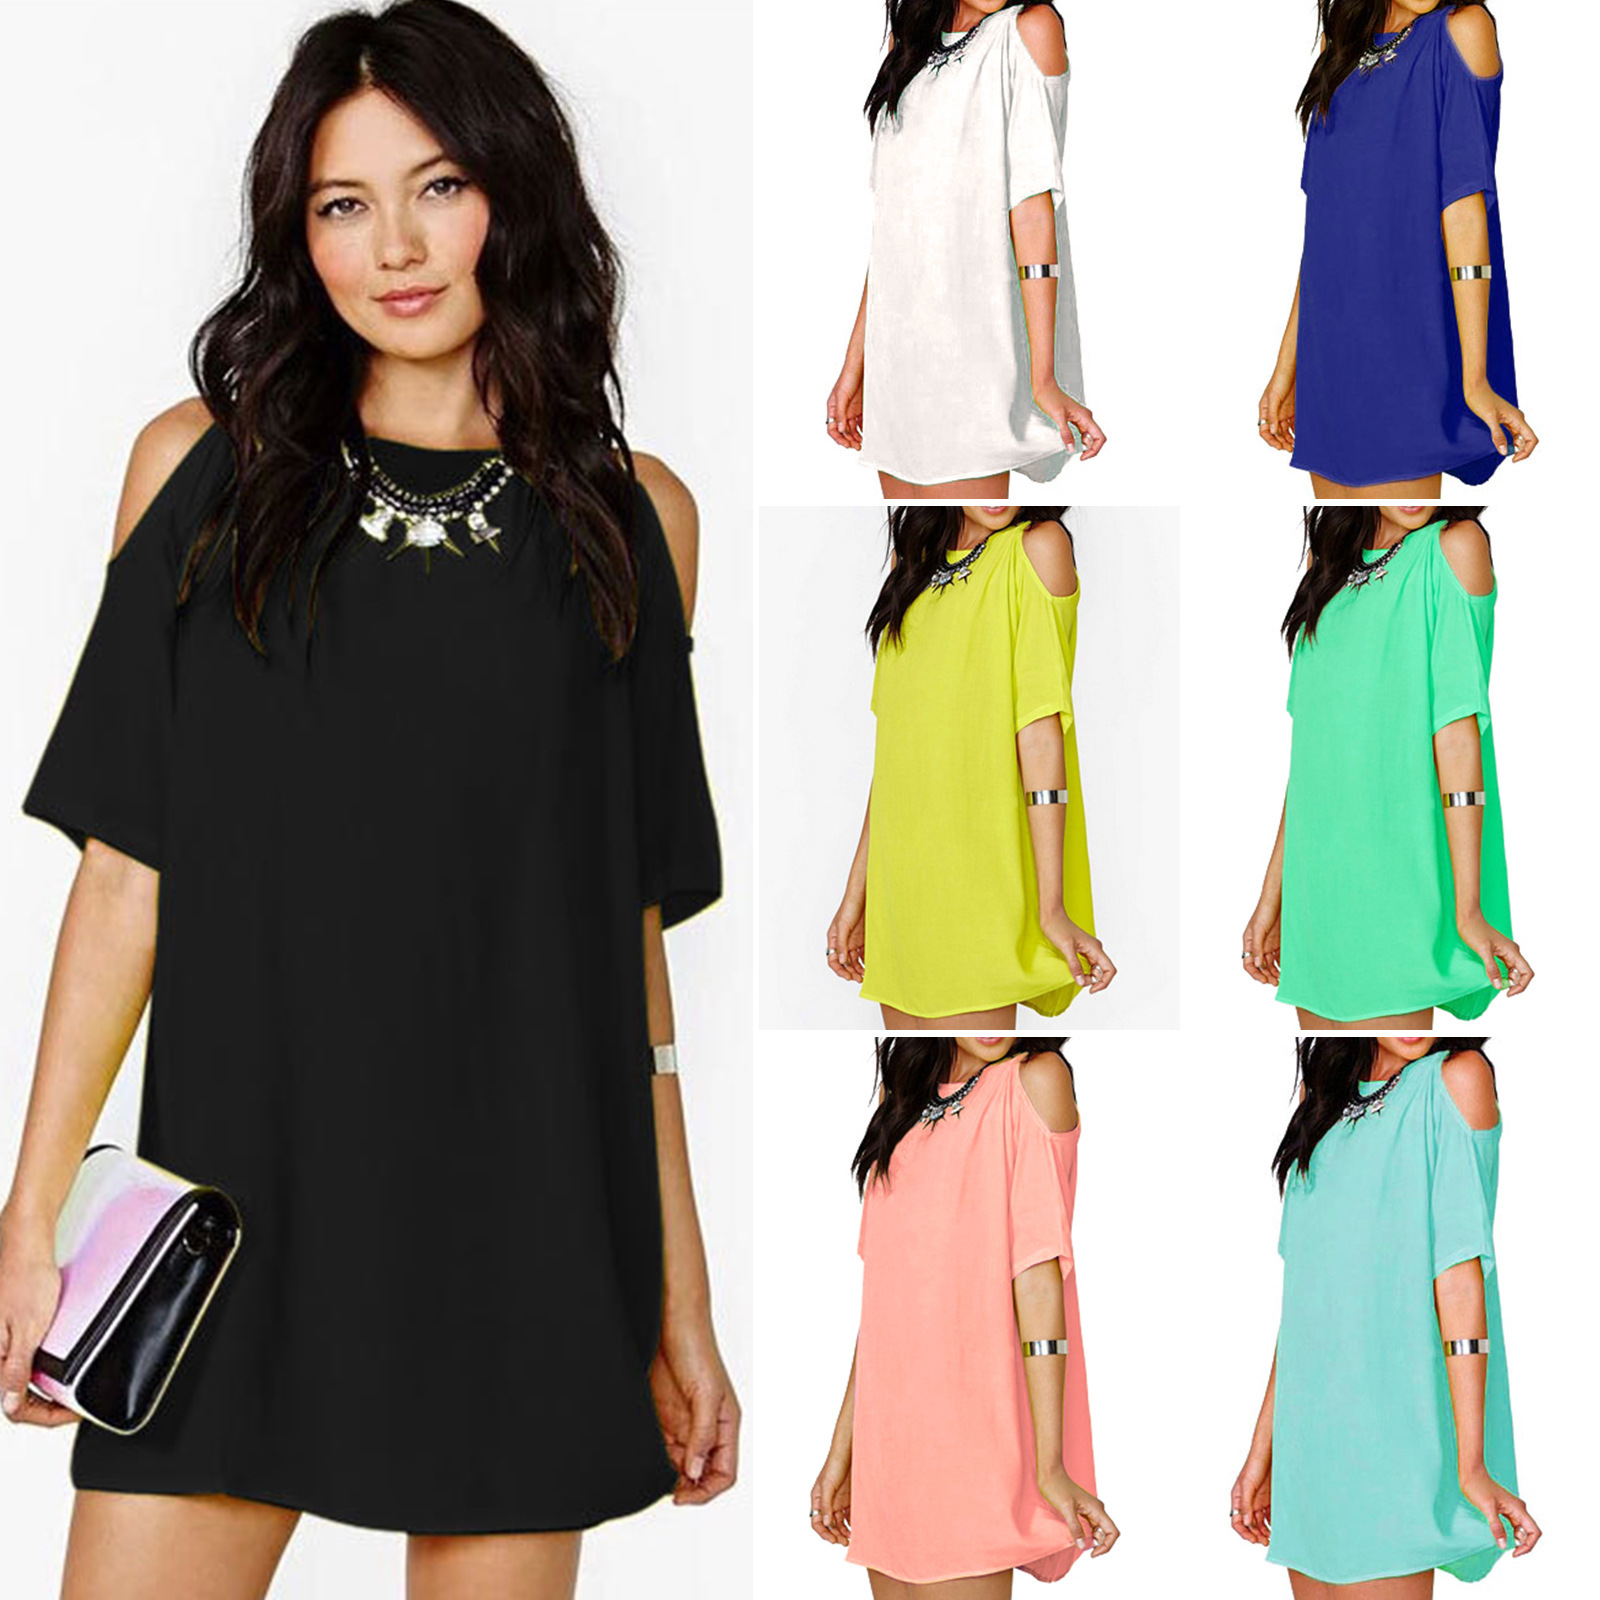 Size. Women s Regular. Dress Length. Short. 777 888 111 3453 666 88888.  43213. 3567 6a4361630737